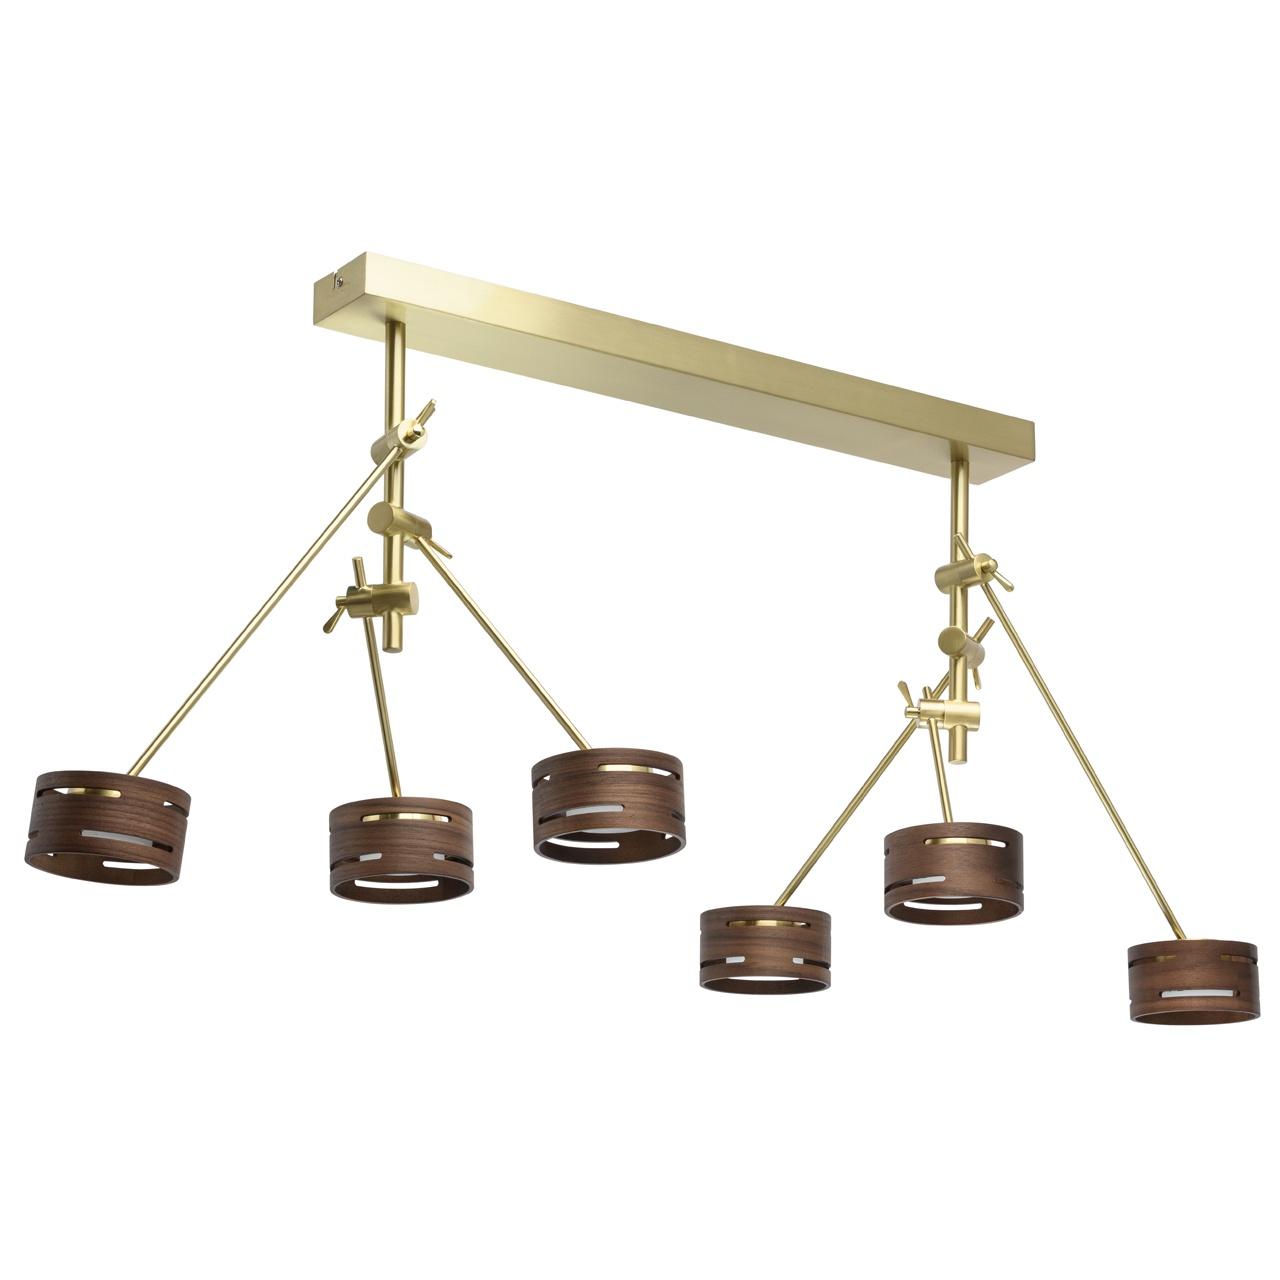 725010406 Чил-аут 6*5W LED 220 V люстра725010406Стильный светильник-трансформер - признанный тренд в мире светодизайна. Металлическое основание модели представлено в двух цветовых вариациях: матового золота и матового никеля. Главная изюминка светильника - оригинальные абажуры из натурального дерева, с графичными прорезями, красиво преломляющими световой поток. Абажуры также выполнены в двух оттенках: светлого и темного дерева. В качестве источников света выступают светодиоды, скрытые под вставкой из матового акрила, мягко рассеивающей свет. Помимо этого, светильник отличается богатым функционалом: его плафоны оснащены спот системой, а рожки трансформирующейся системой крепления. Это позволяет леко менять направление светового потока и самую композицию светильника.